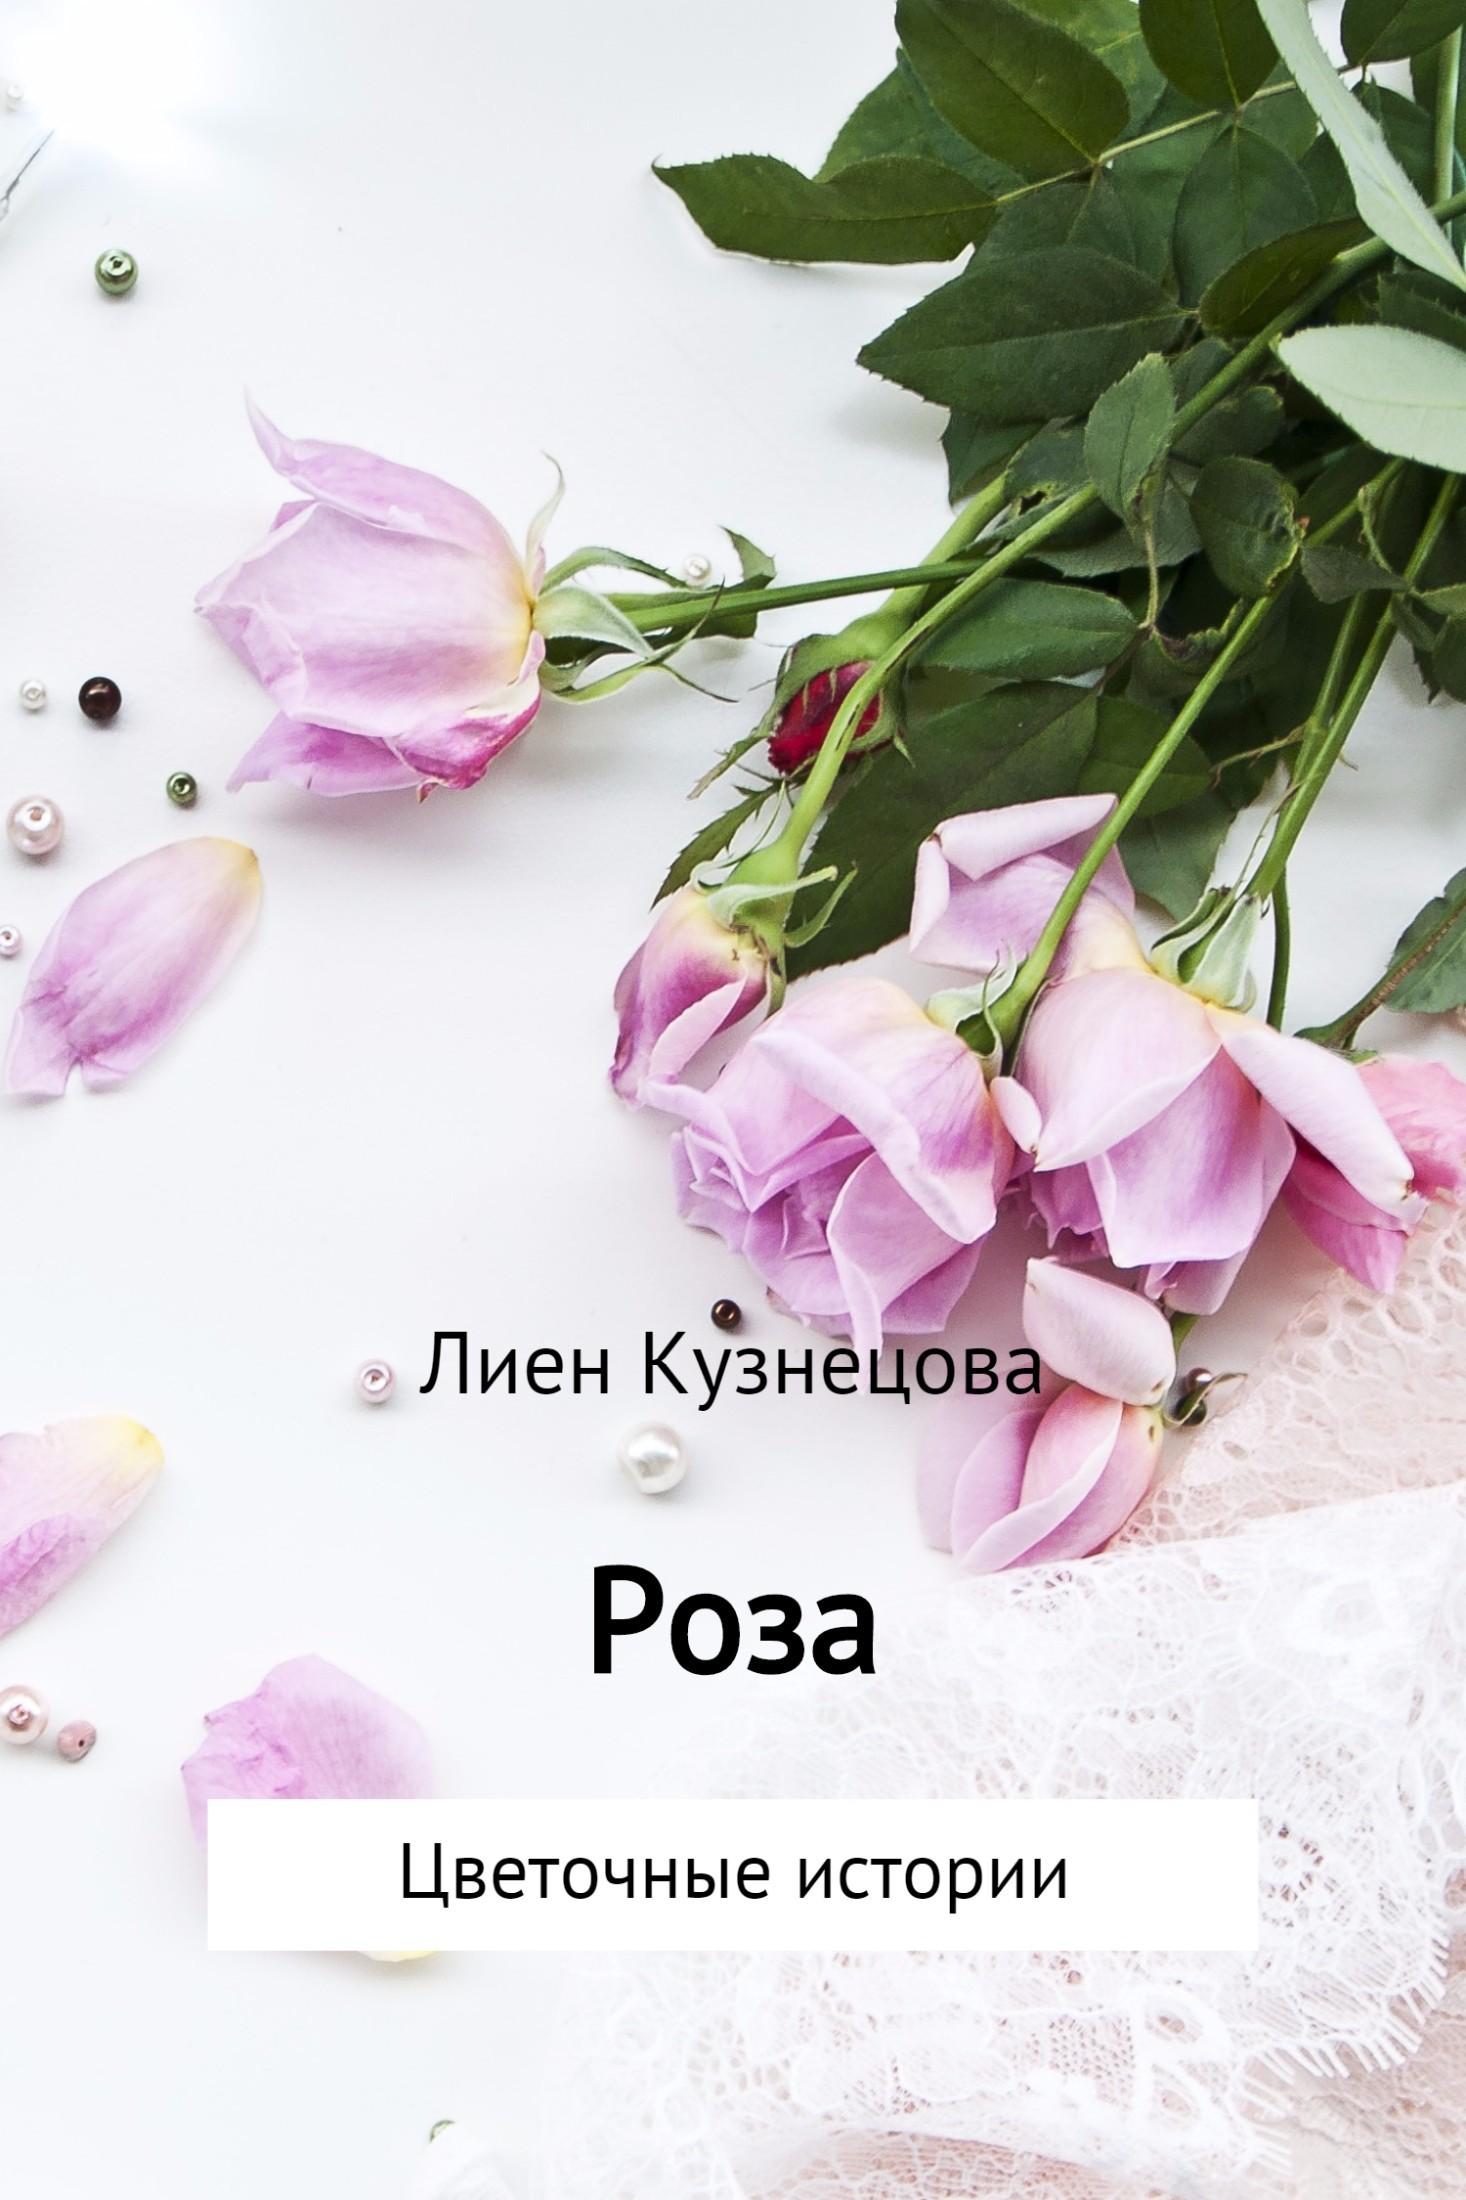 Лиен Кузнецова Цветочные истории. Роза мифы для детей голубая роза